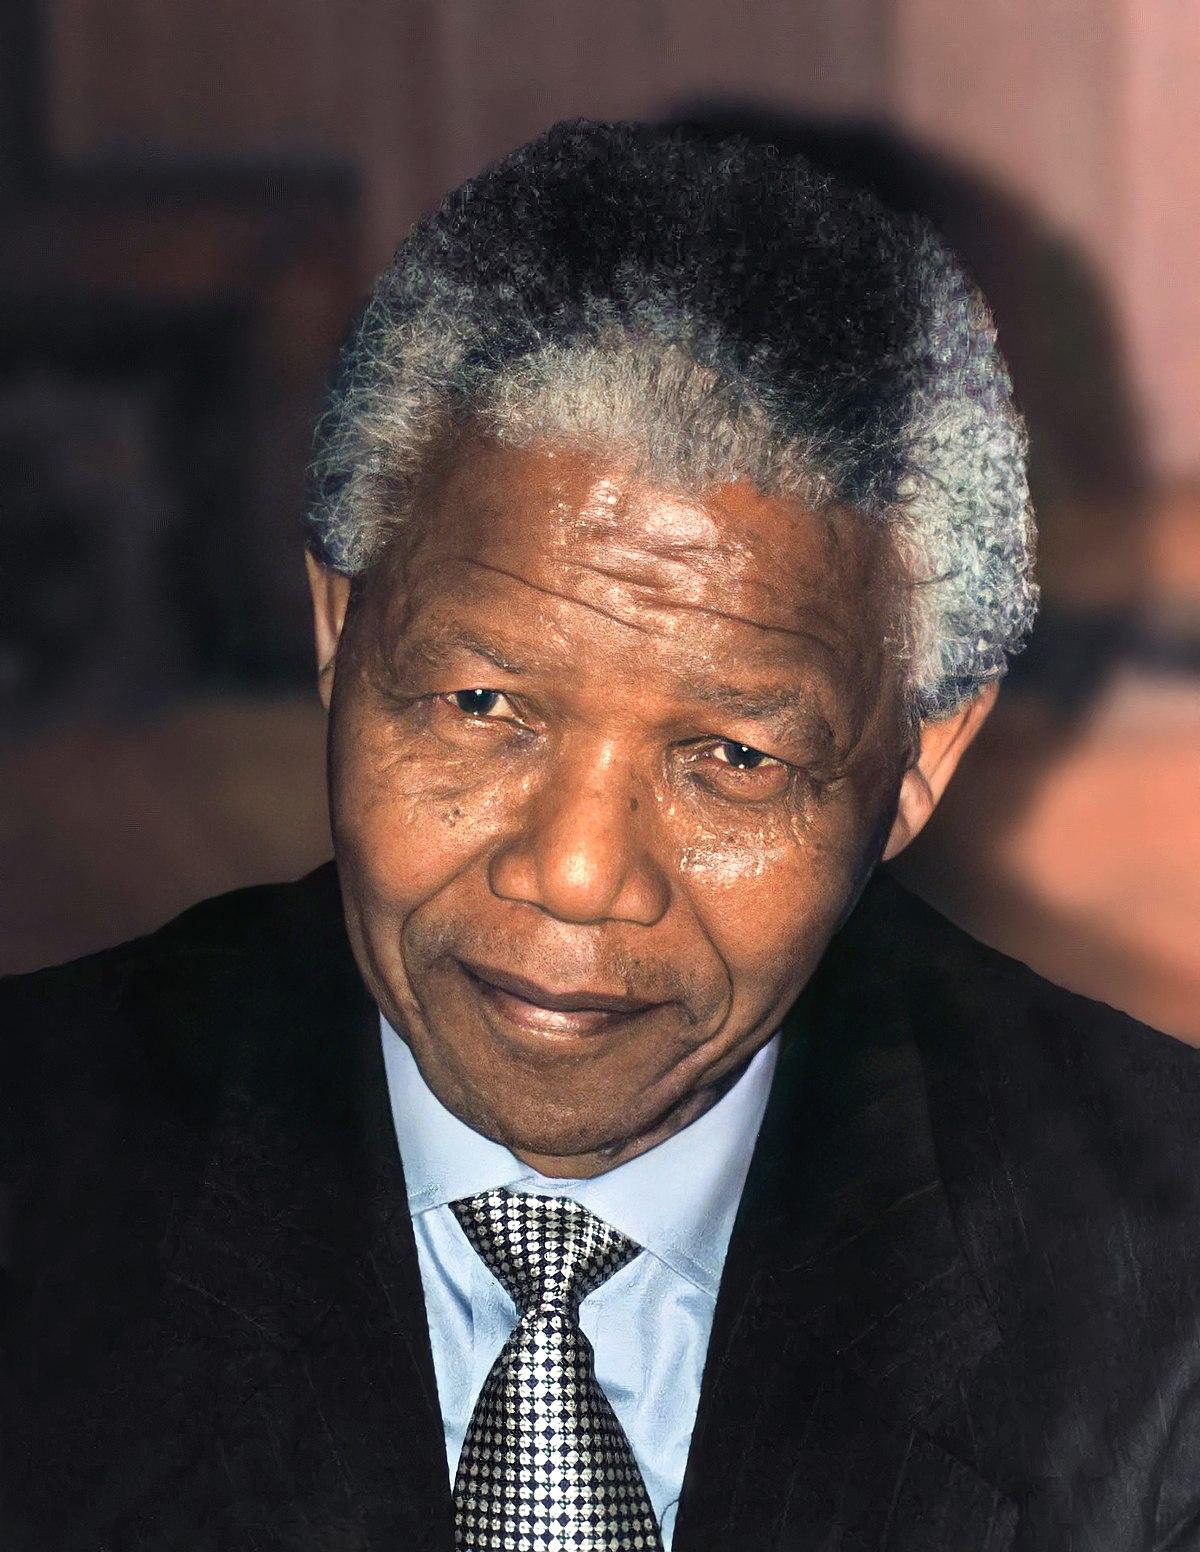 Nelson_Mandela_1994.jpg